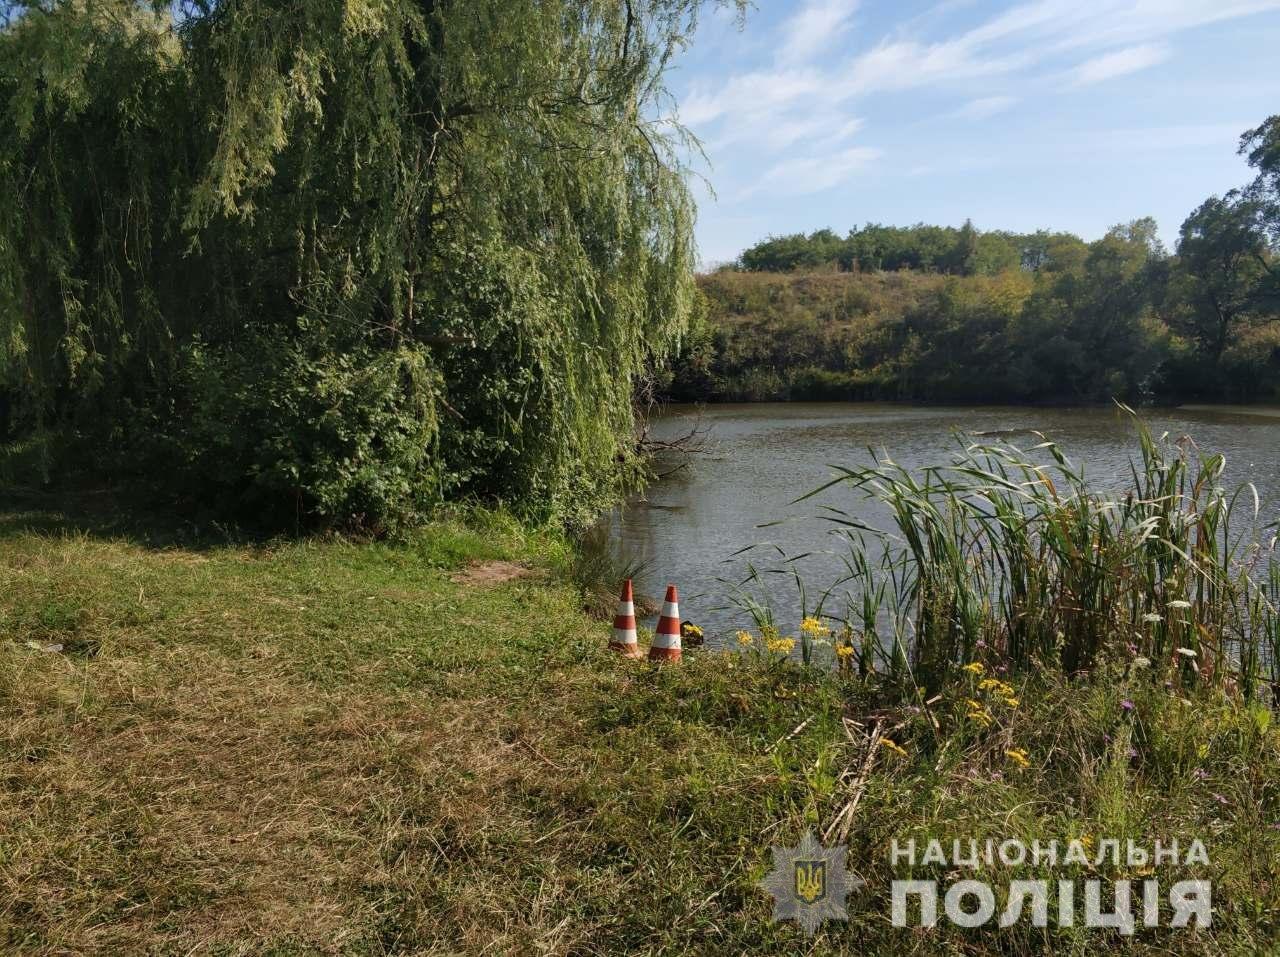 На Харьковщине возле пруда нашли 5 гранат, - ФОТО, фото-1